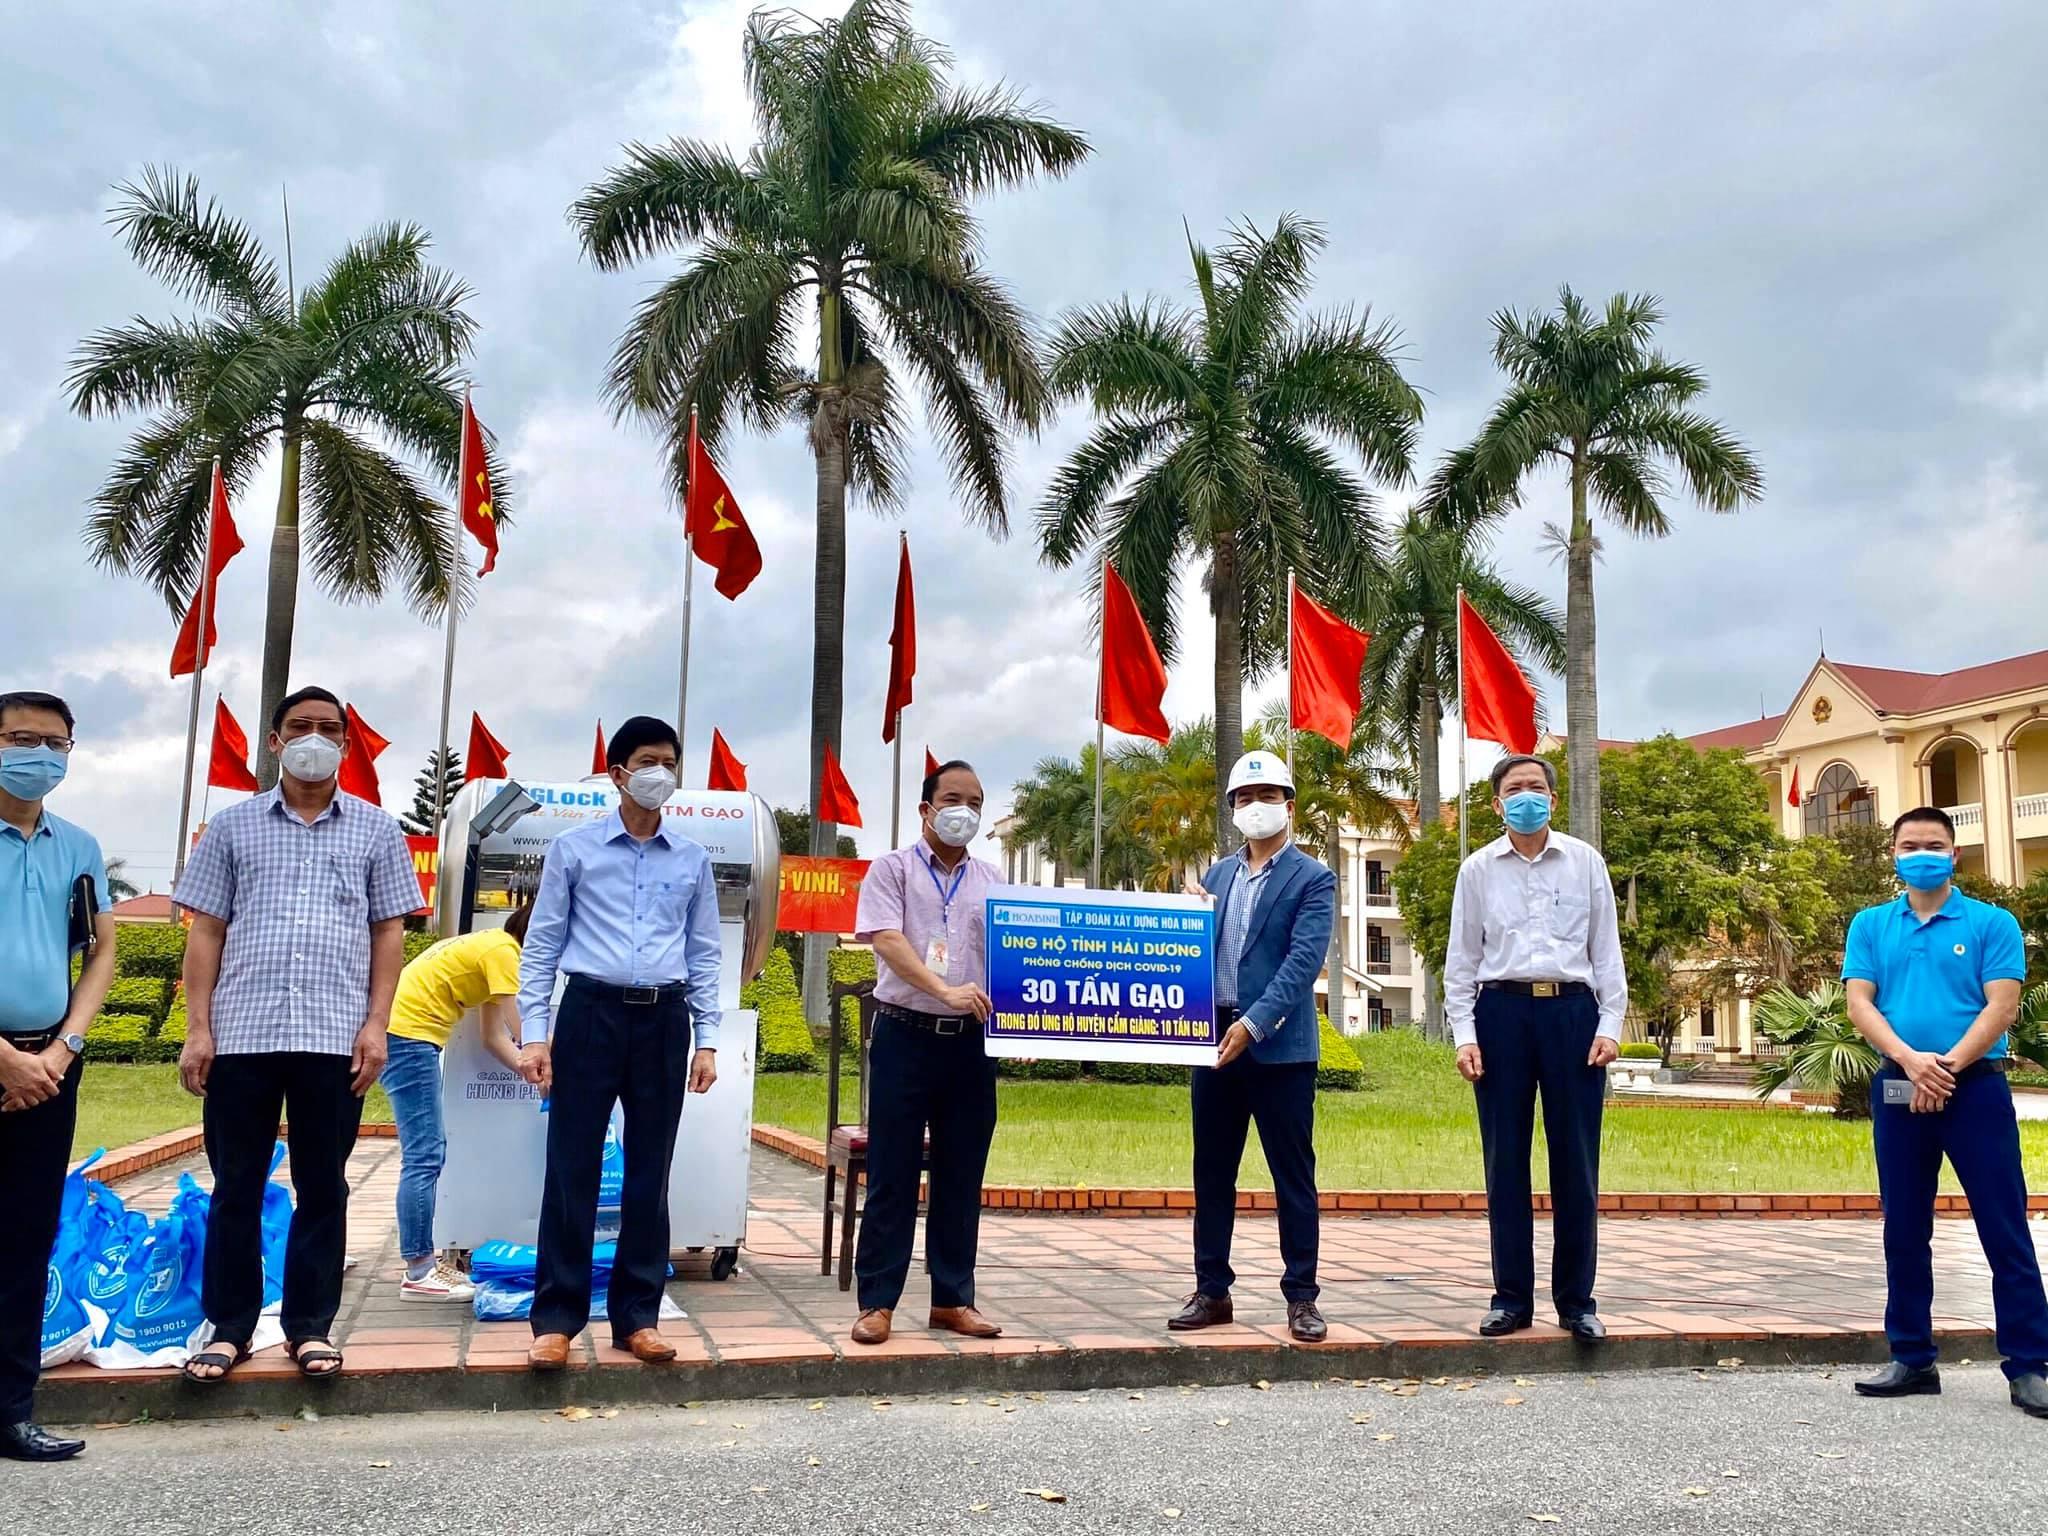 Tập đoàn Hòa Bình ủng hộ 30 tấn gạo xây ATM hỗ trợ Hải Dương 12